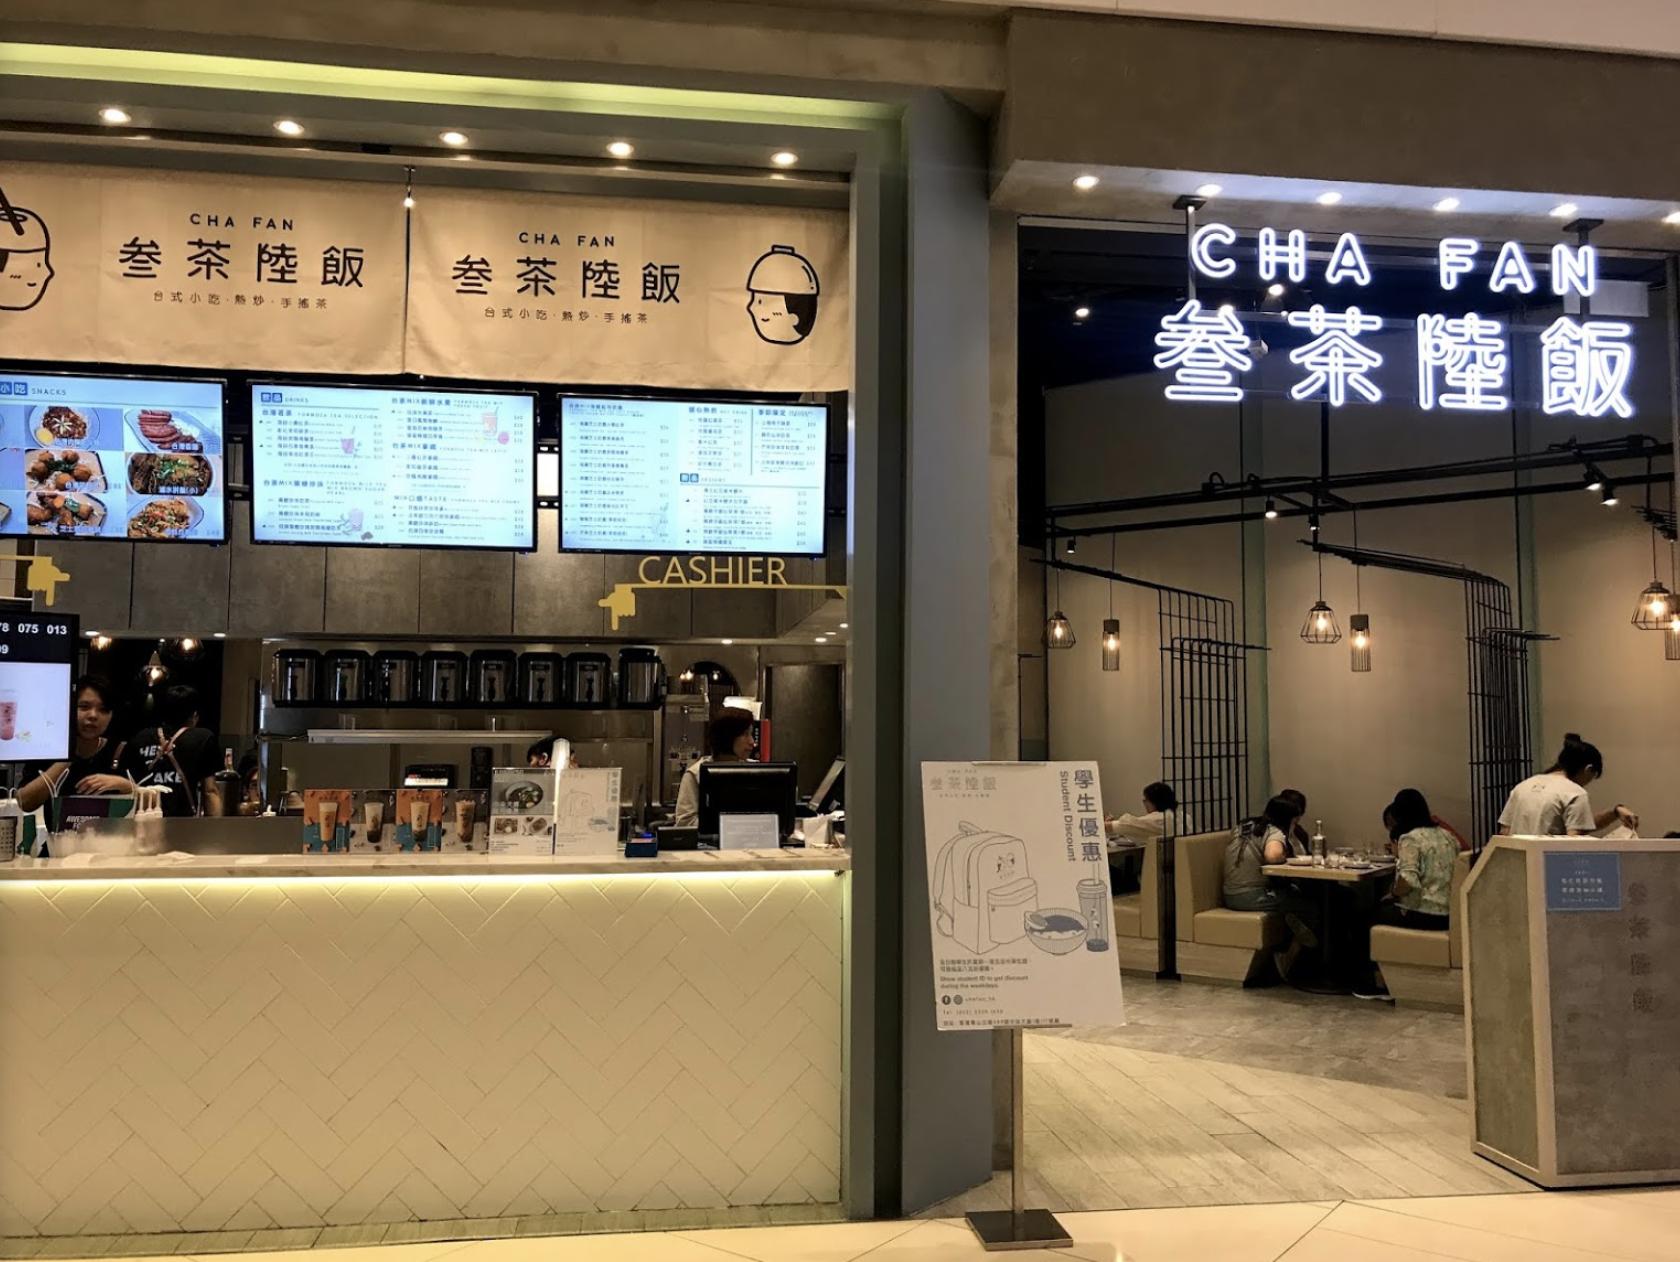 荃湾西美食 / 叁茶陆饭 / 中染大厦 / 餐厅环境宽敞,装修风格走台式清新风。